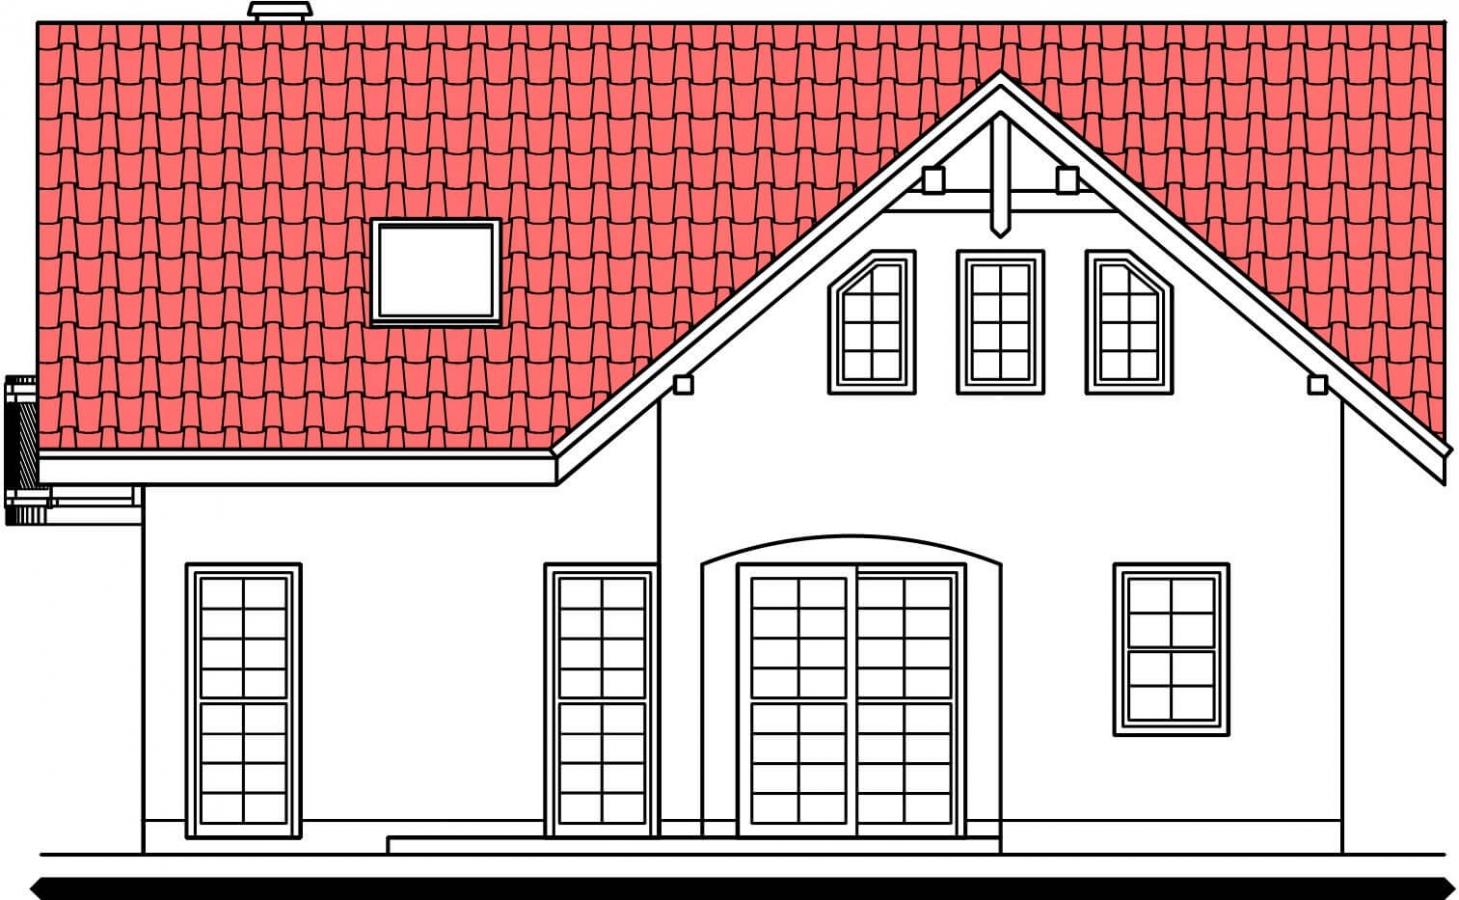 Pohľad 3. - Poschodový 4-izbový dom.